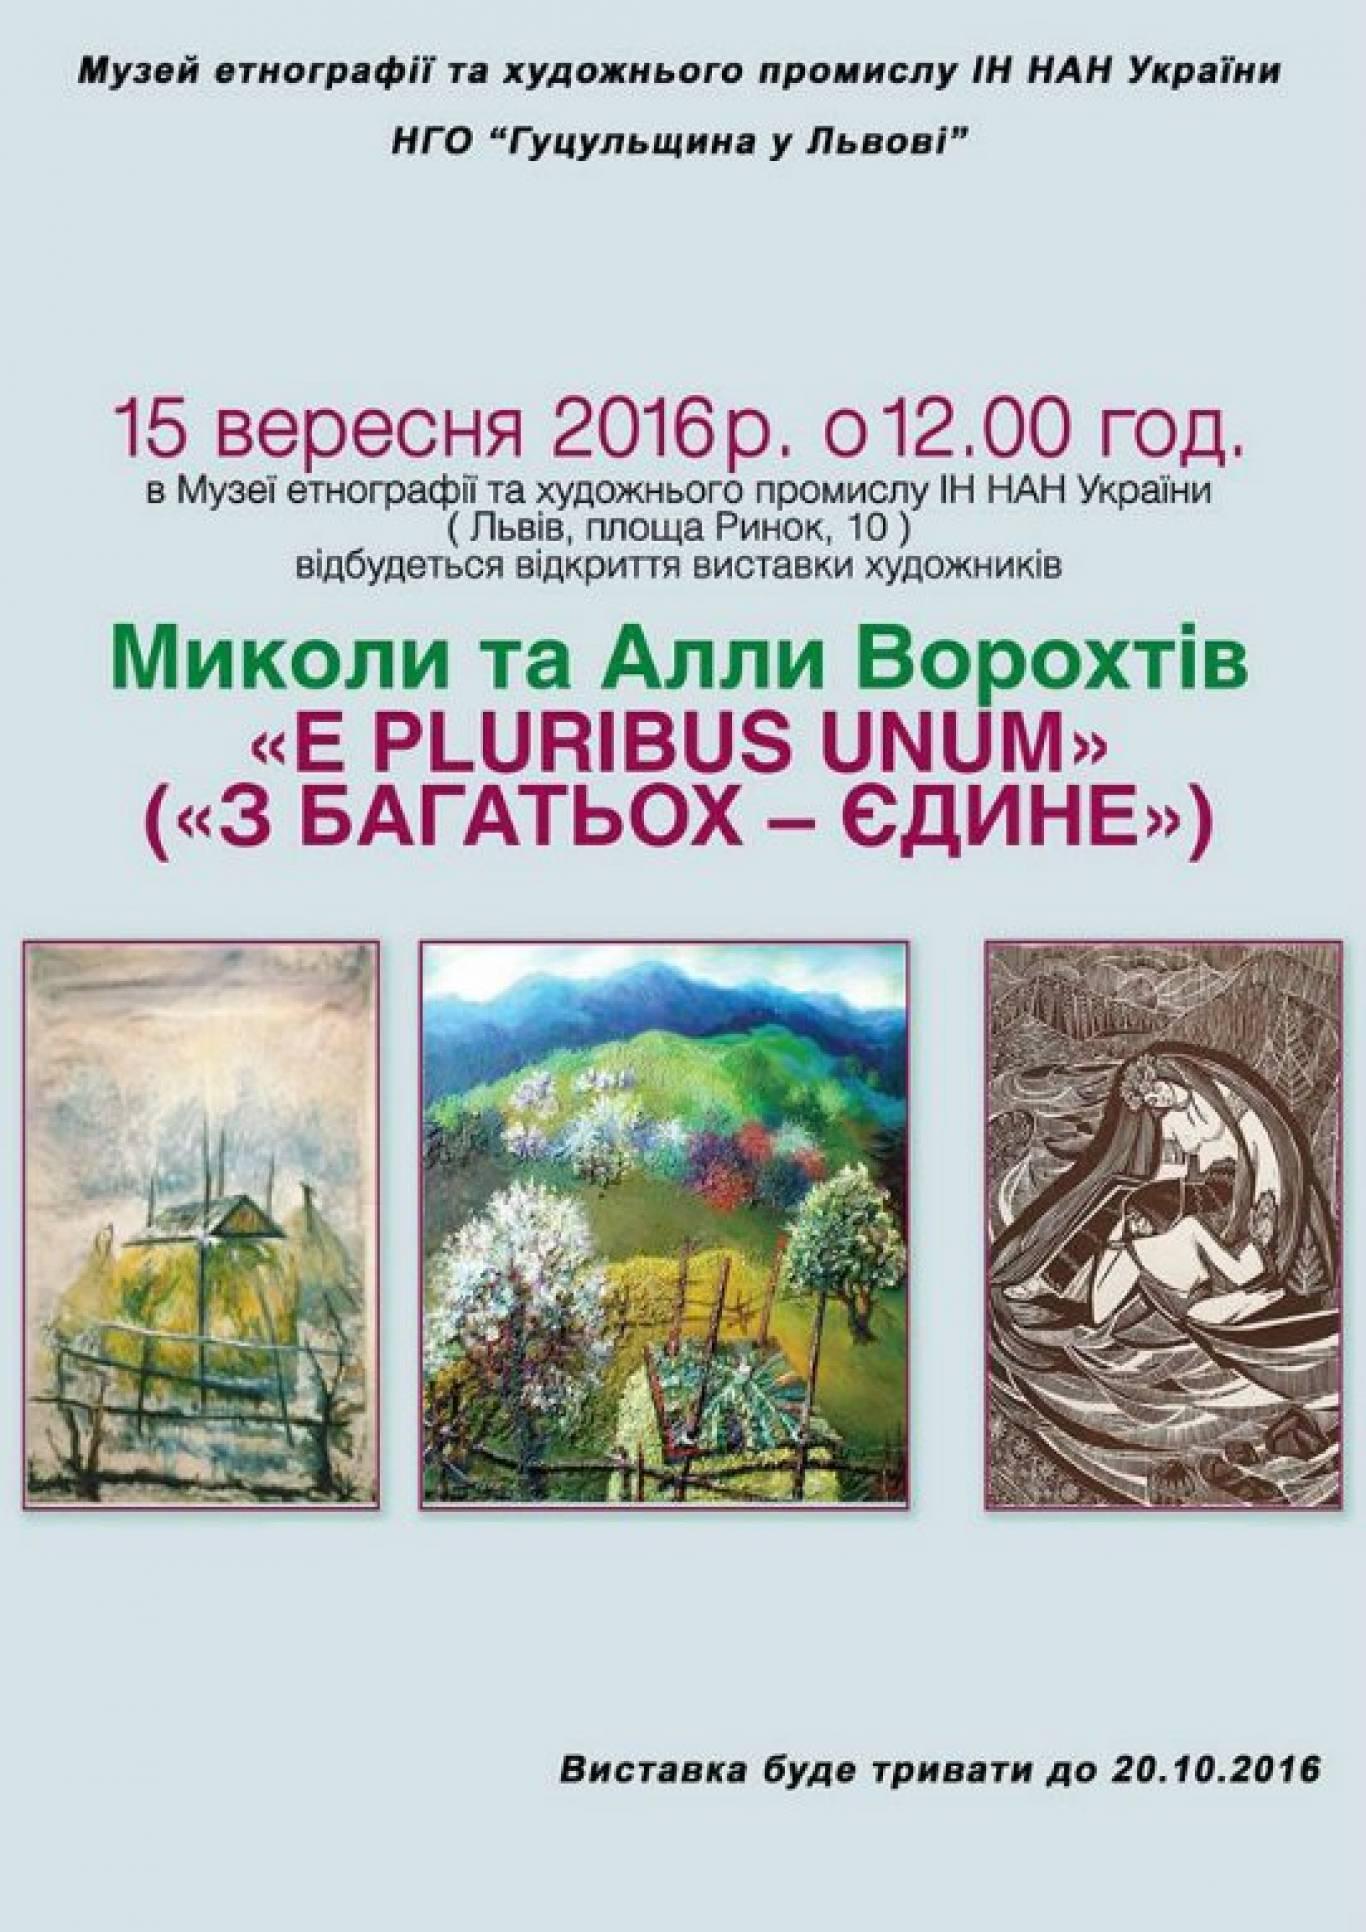 """Виставка художників Миколи та Алли Ворохтів """"З багатьох - єдине"""""""